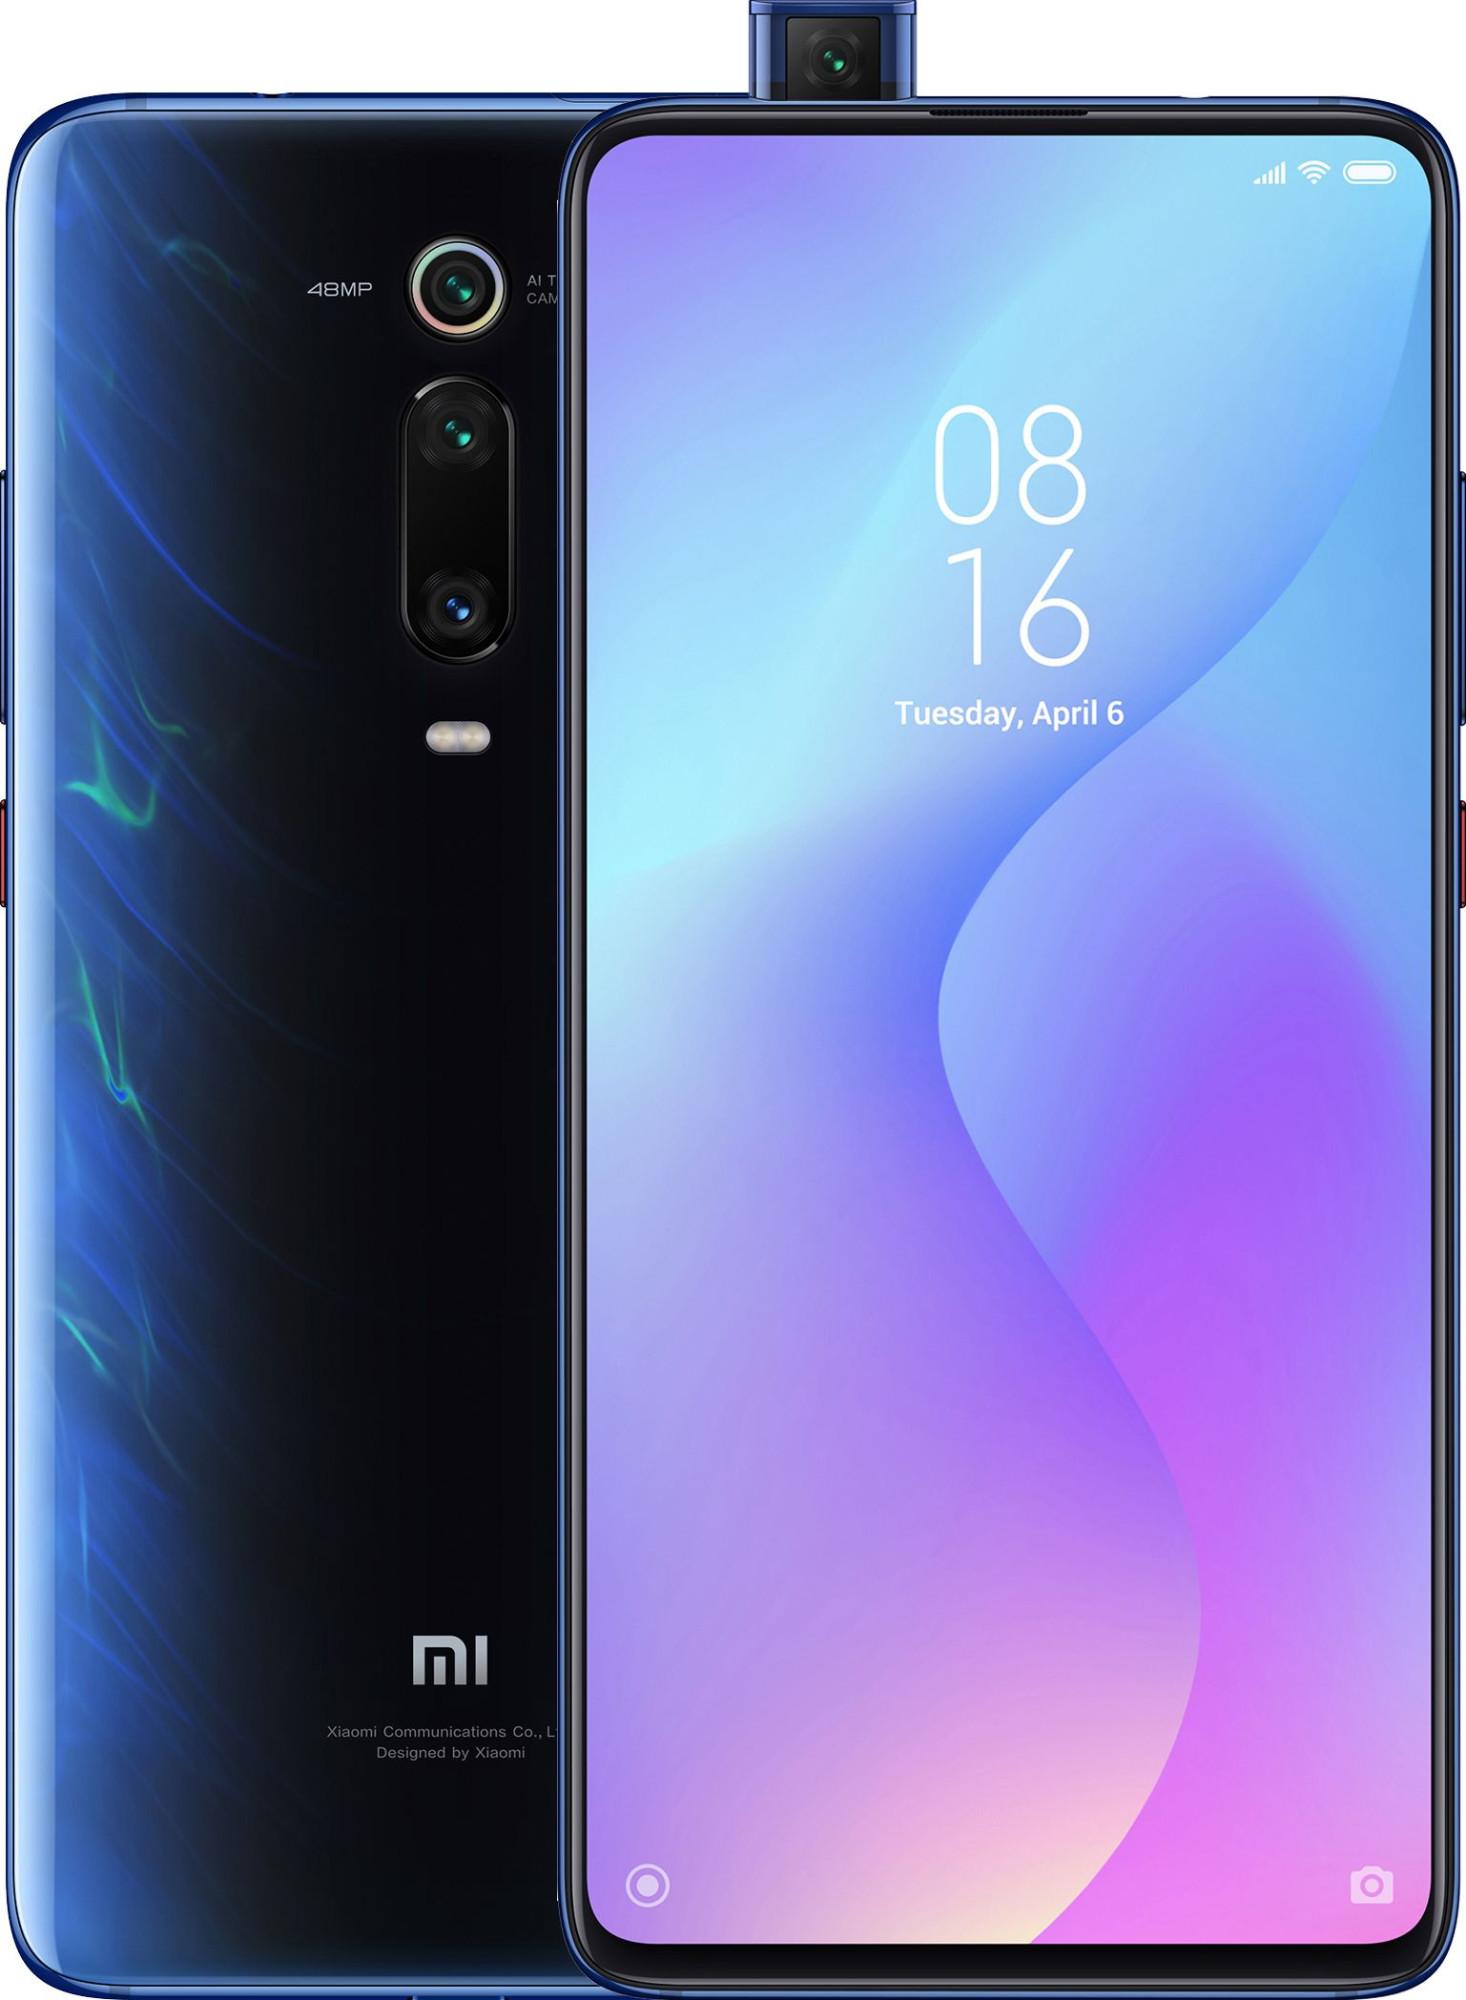 Купить Смартфон Xiaomi Mi 9T 6/128 Gb (синий) в Москве, быстрая доставка, низкие цены